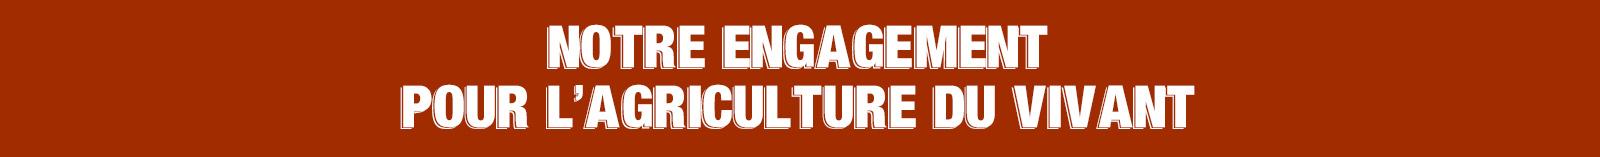 Engagement agriculture du vivant